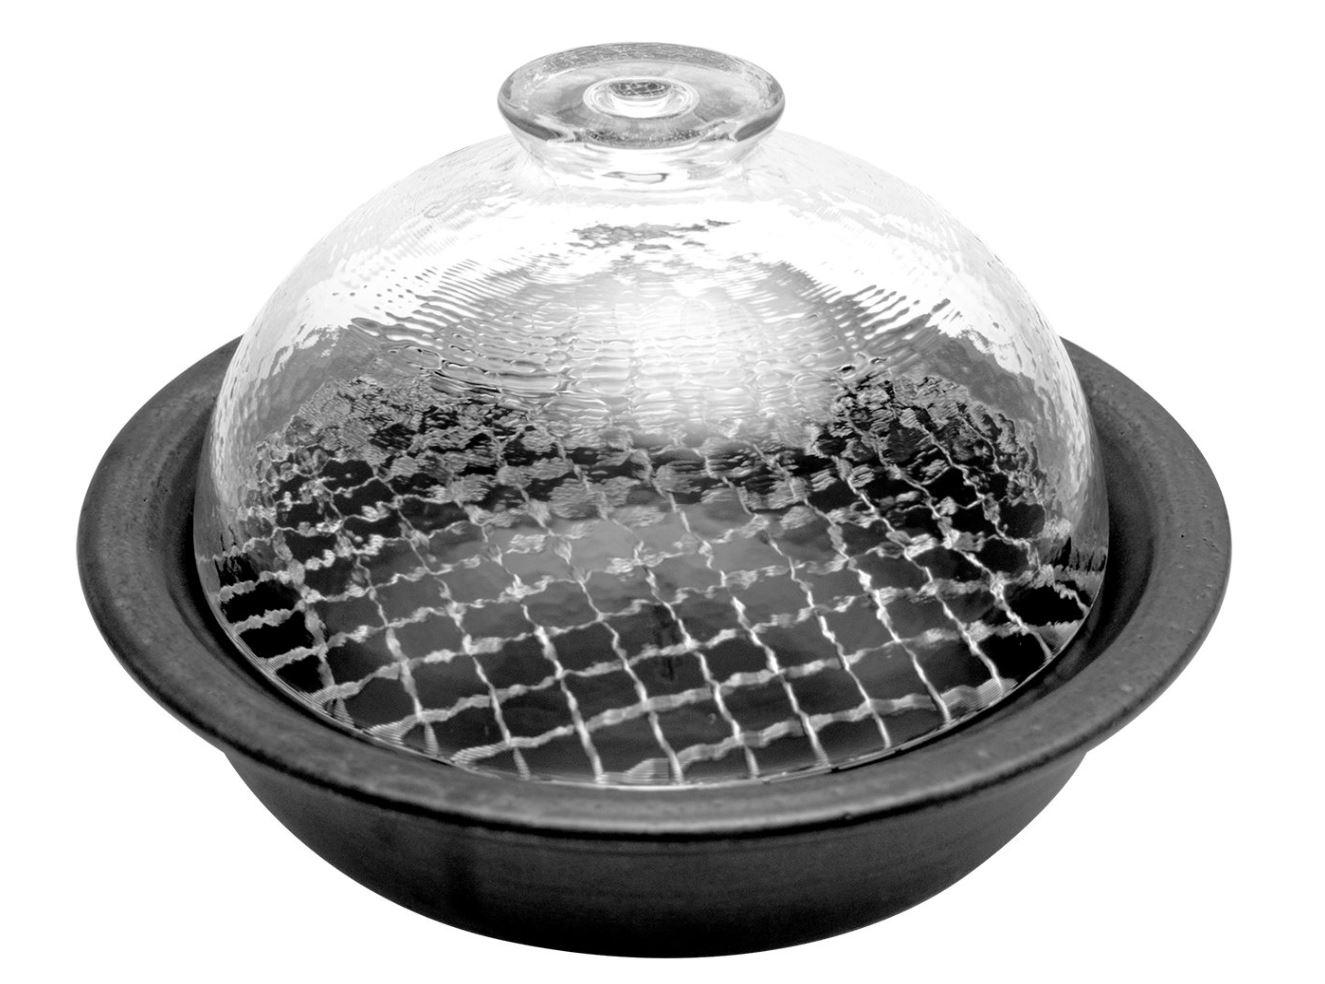 土鍋 万古焼 燻製ができる鍋